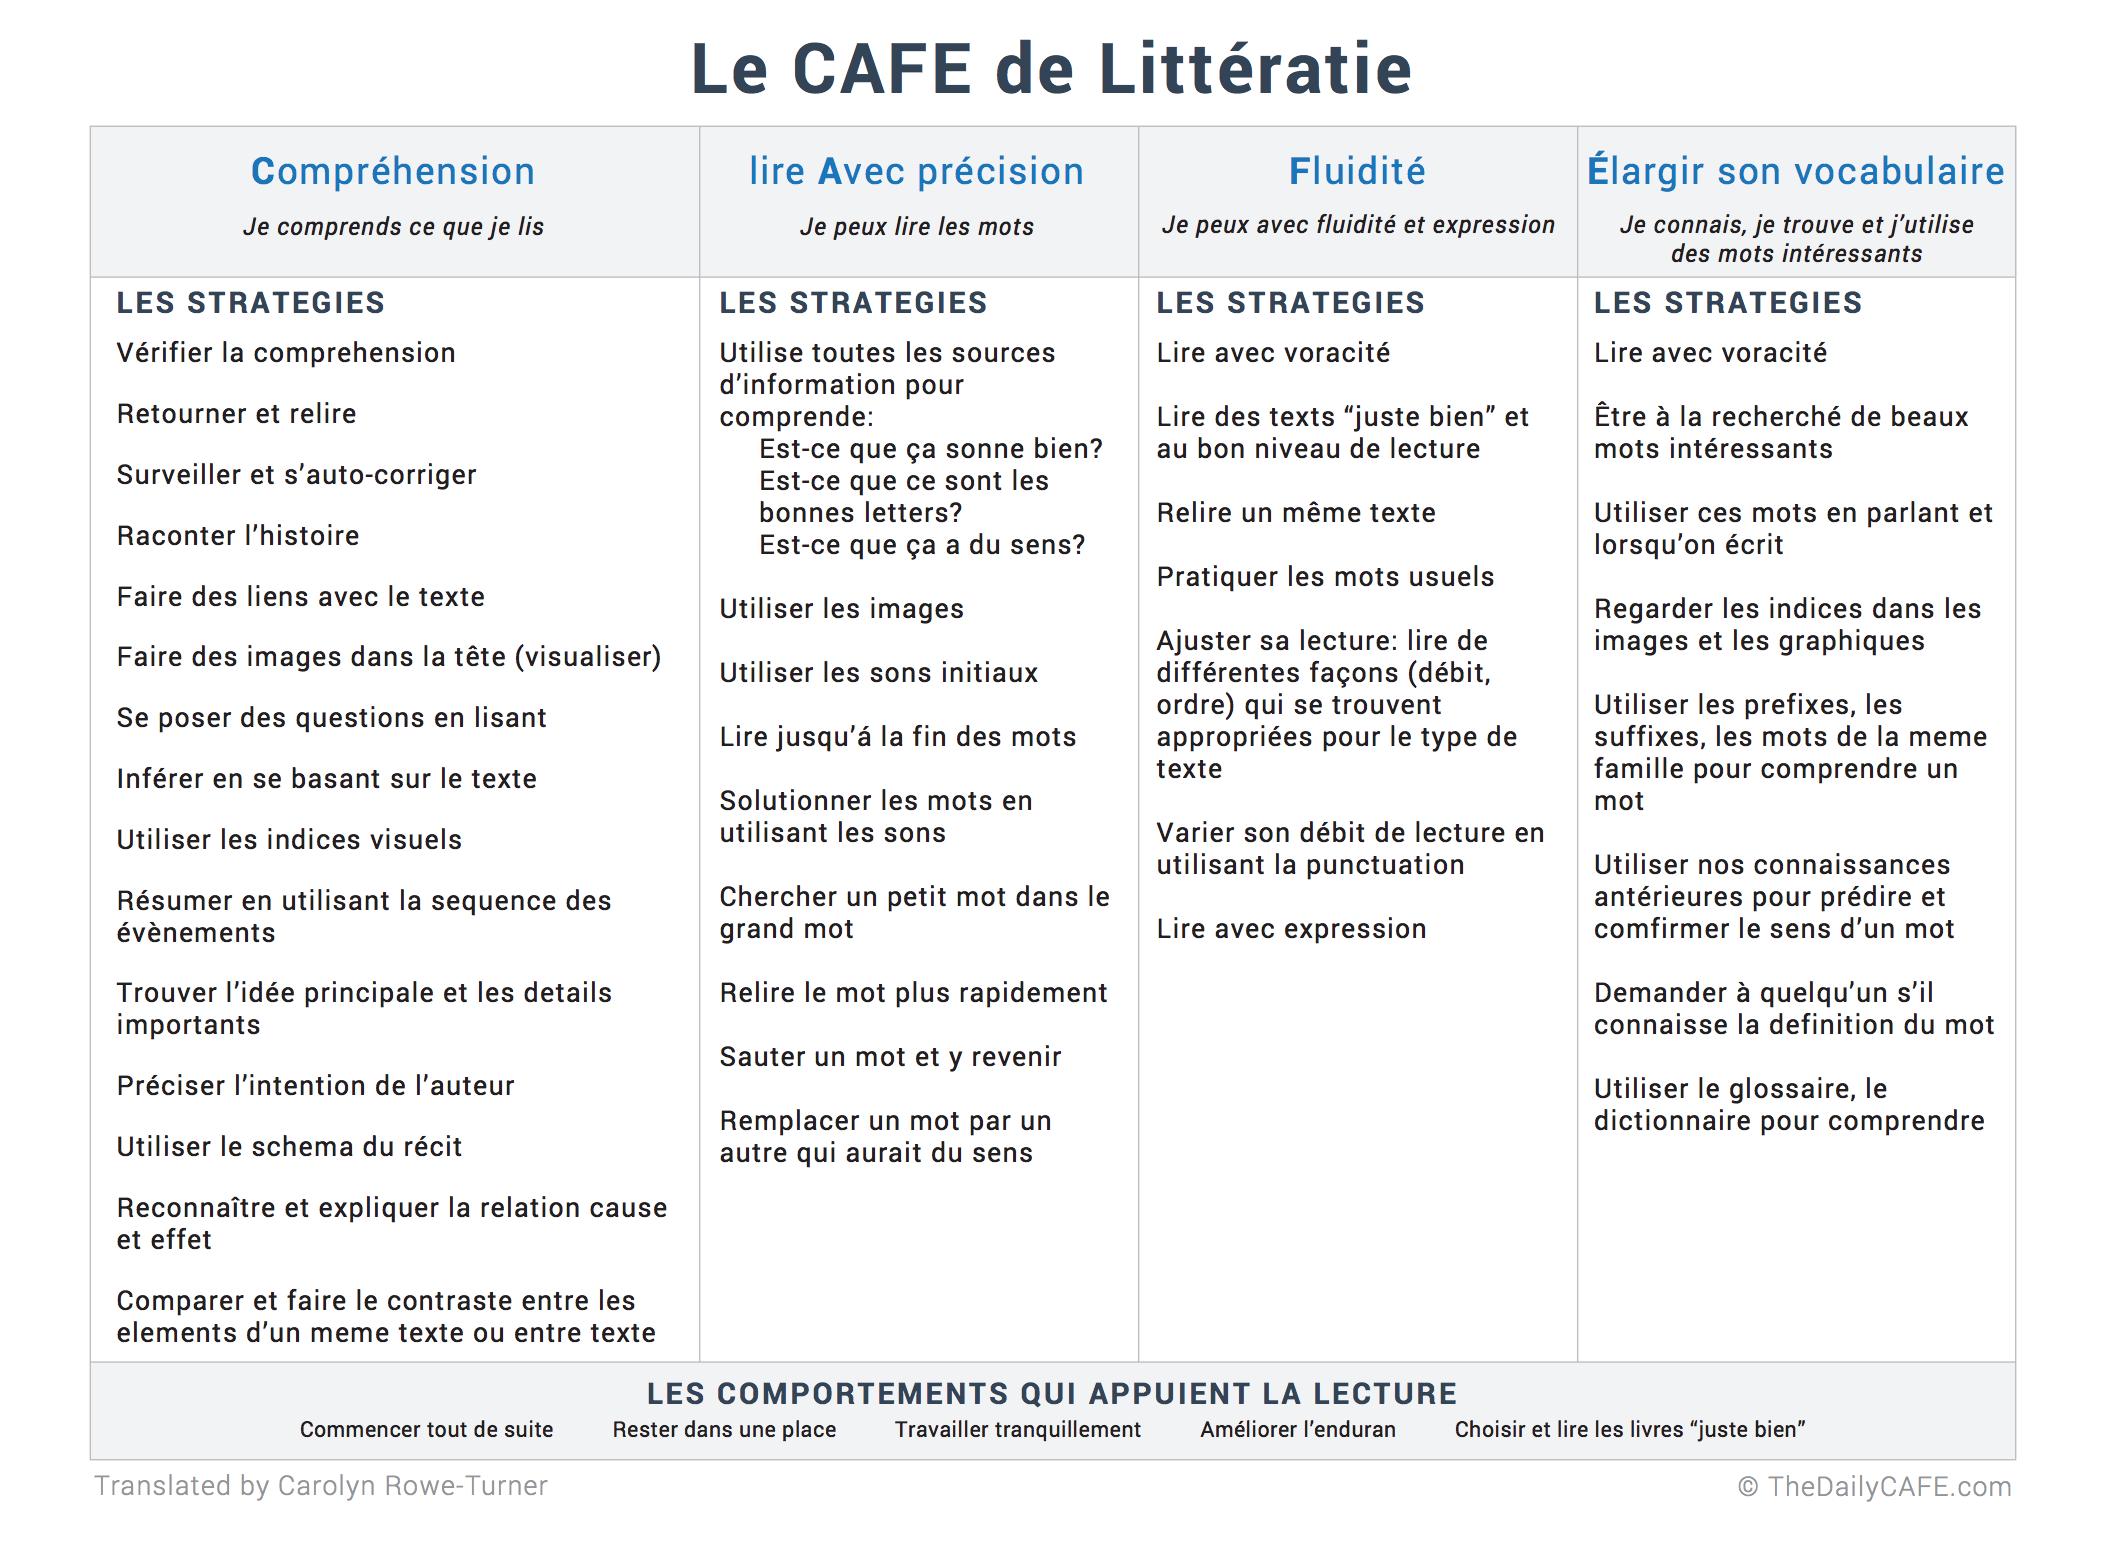 le cafe de littératie–french cafe menu | thedailycafe